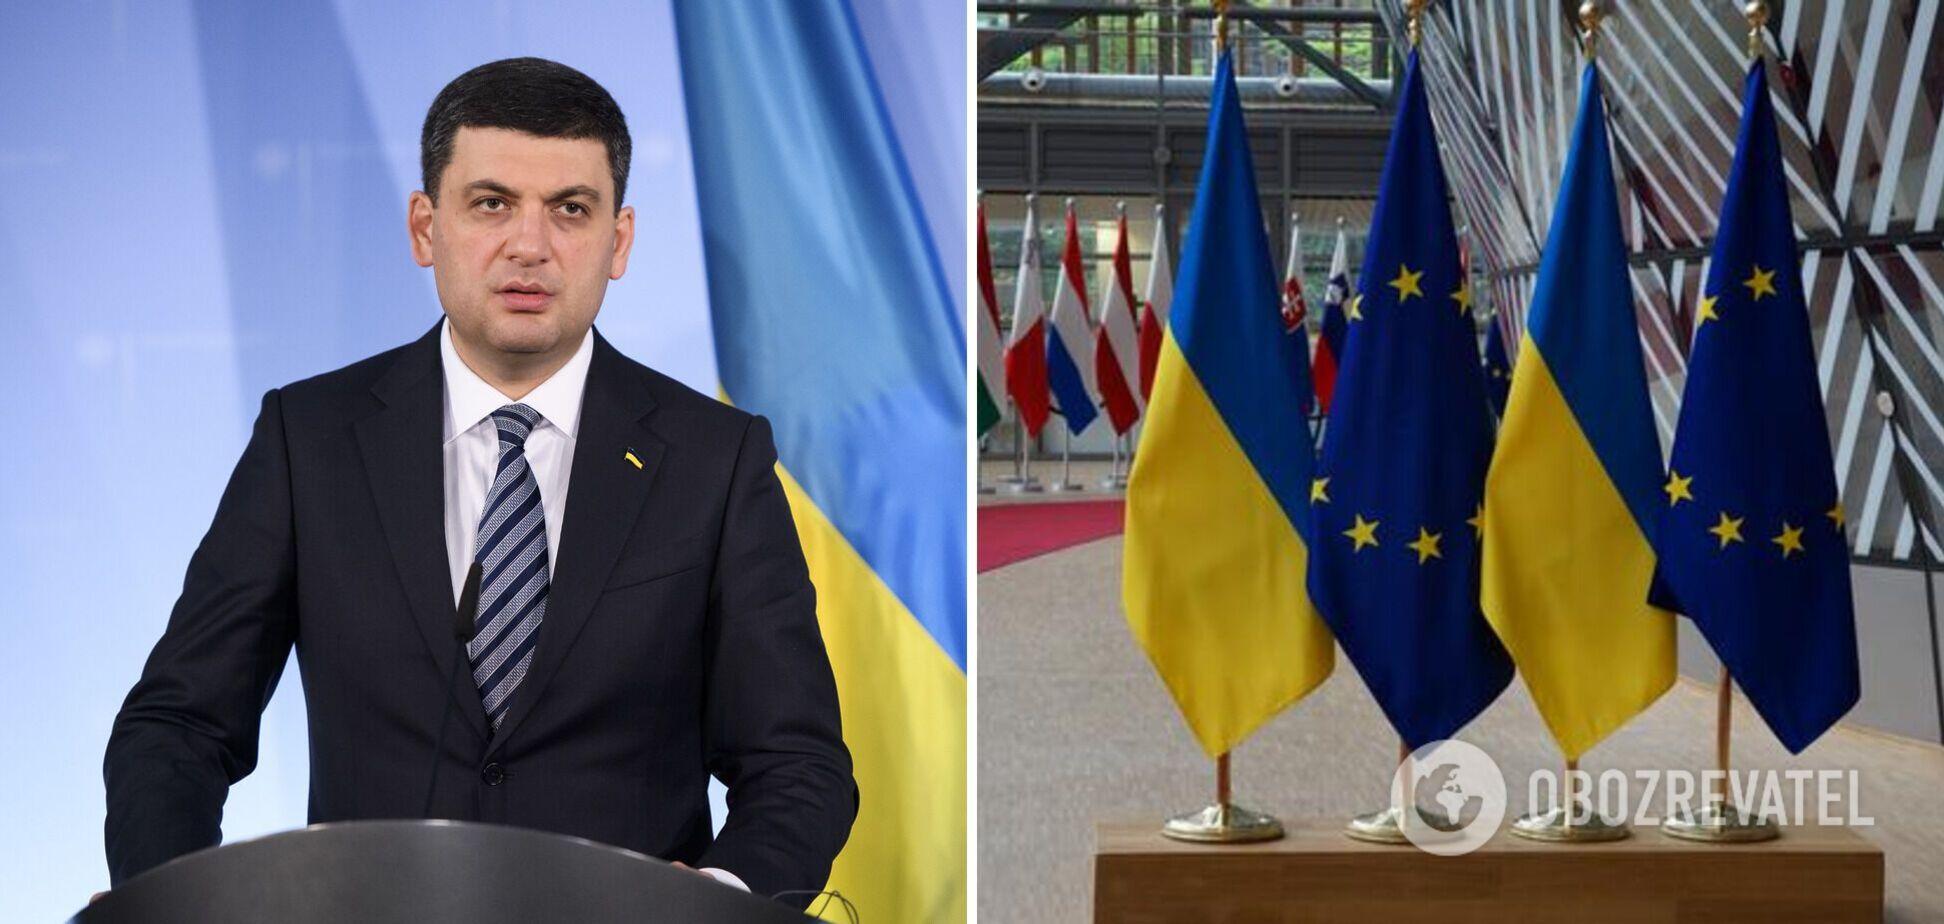 Гройсман прокомментировал результаты саммита 'Украина – ЕС'